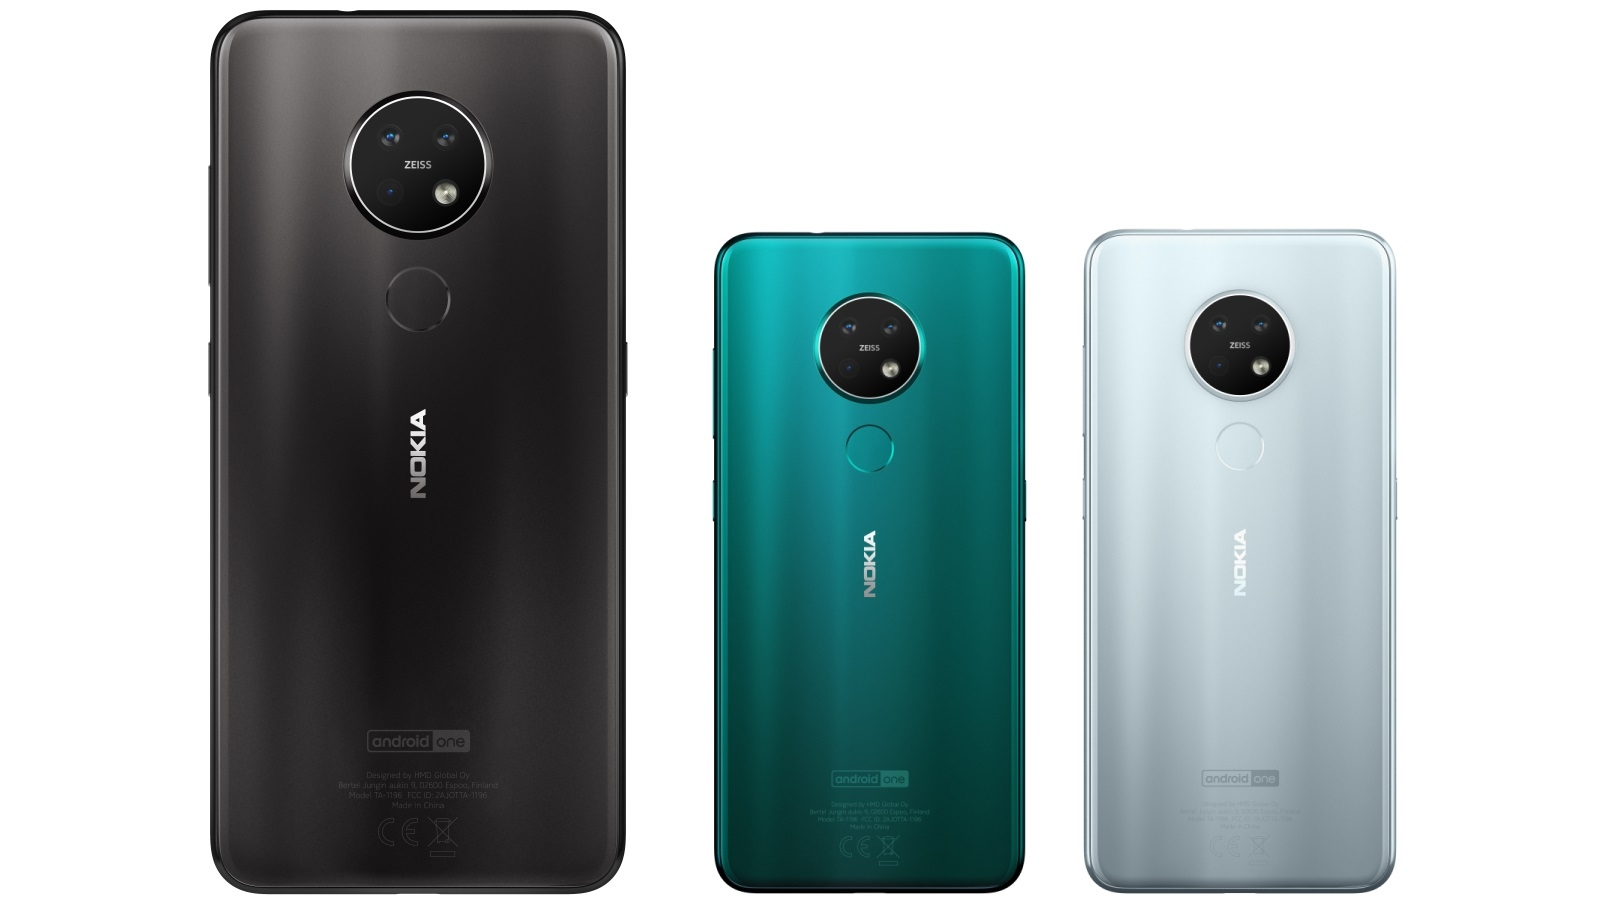 HMD Global anuncia reducciones permanentes de precios para Nokia 7.2 y Nokia 6.2